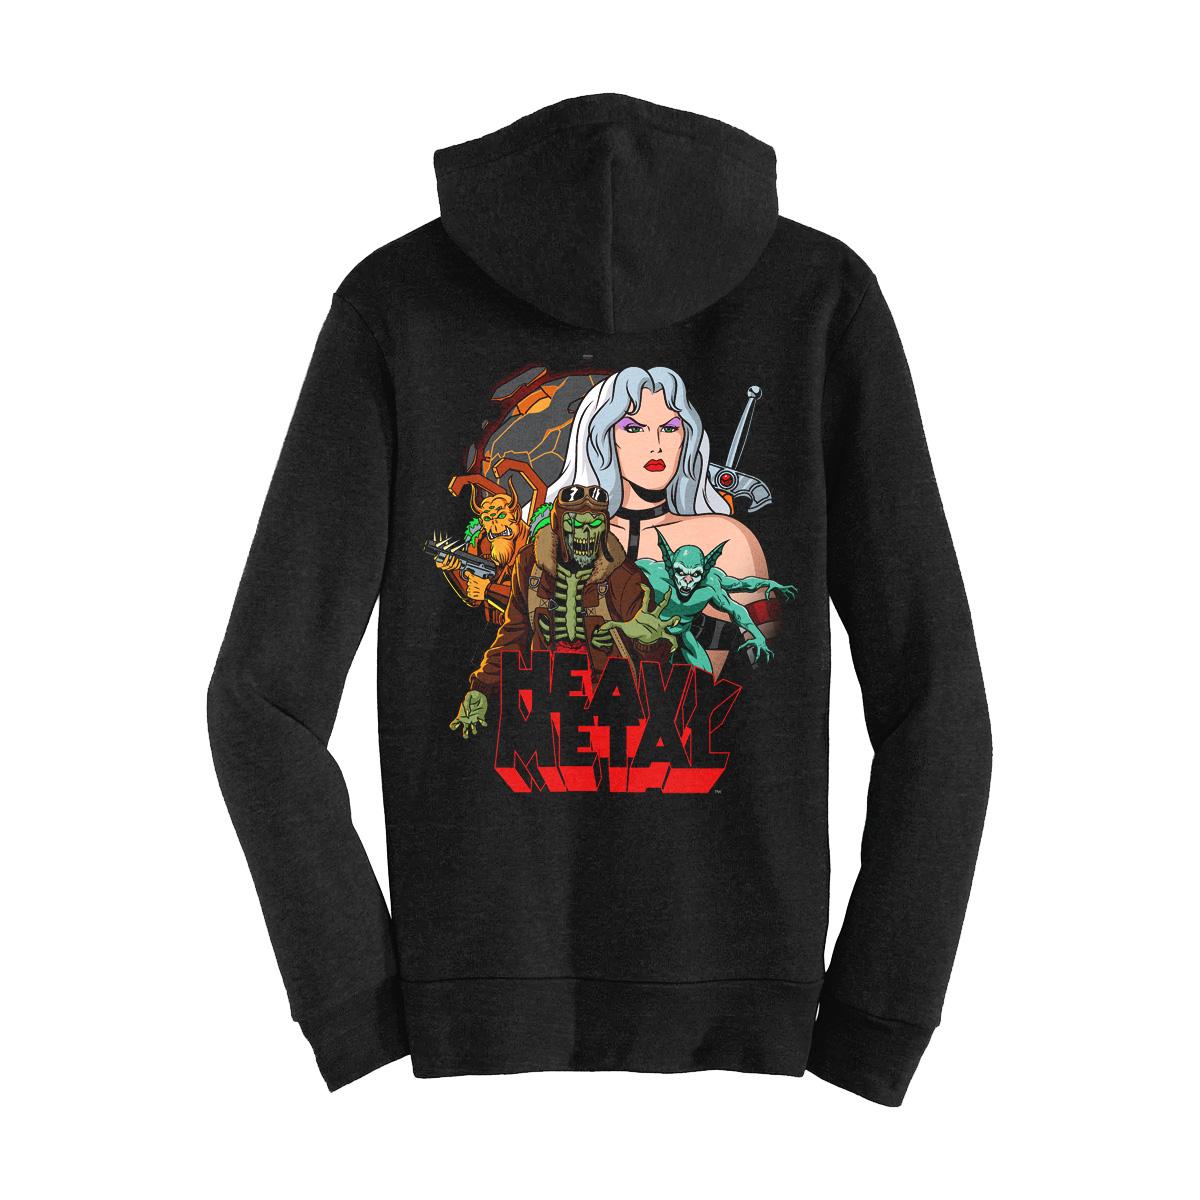 Heavy Metal 'Planet' Zip Up Hooded Sweatshirt